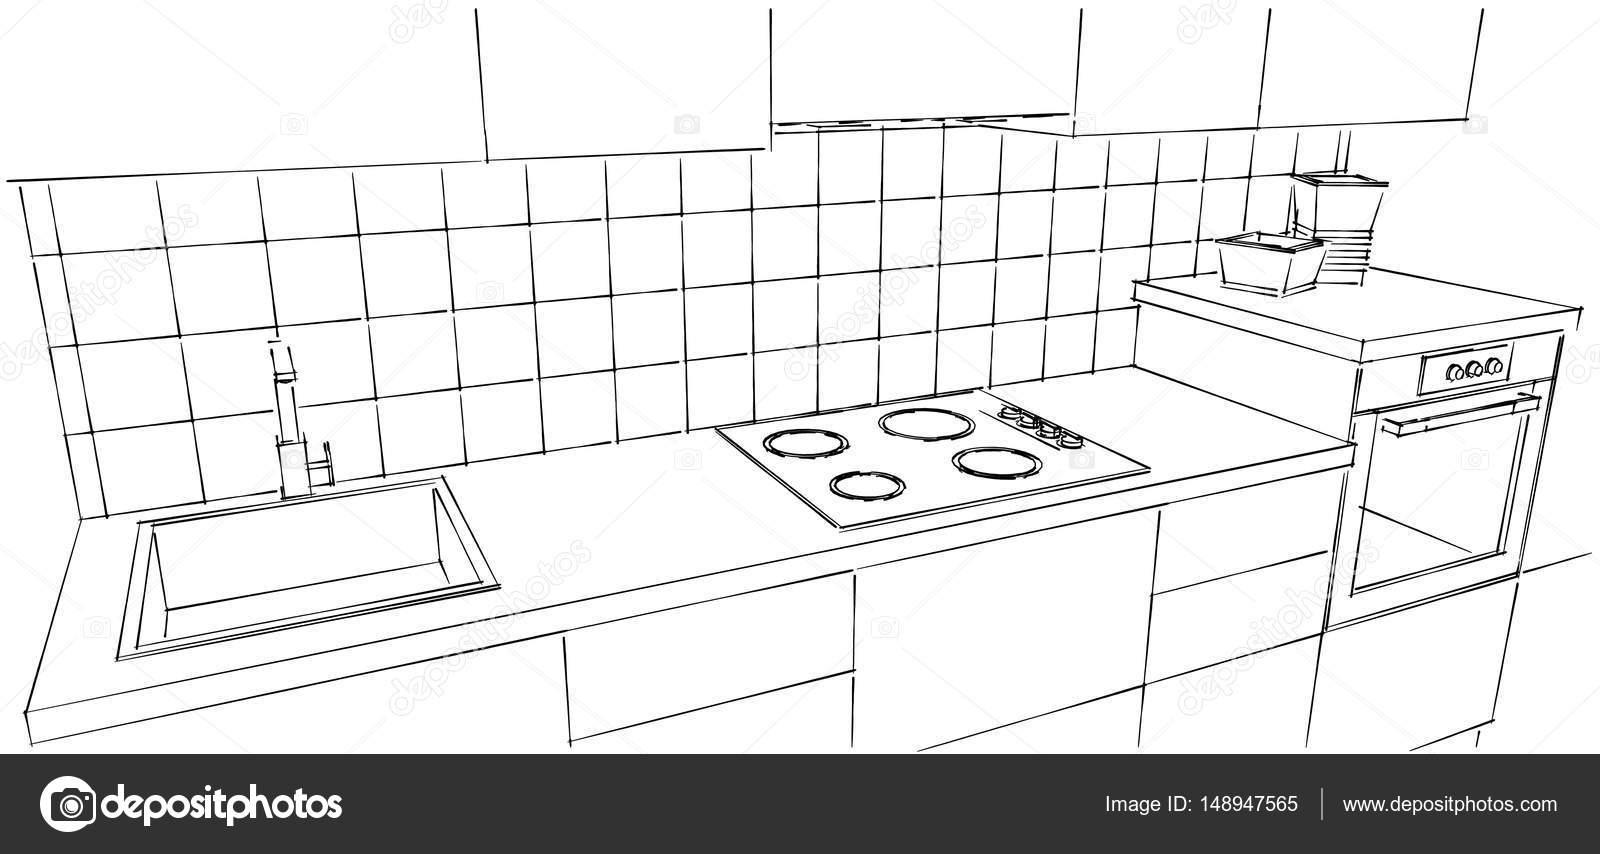 Modern kitchen counter close up - Ultra Modern Kitchen Counter Close Up Stock Photo 148947565